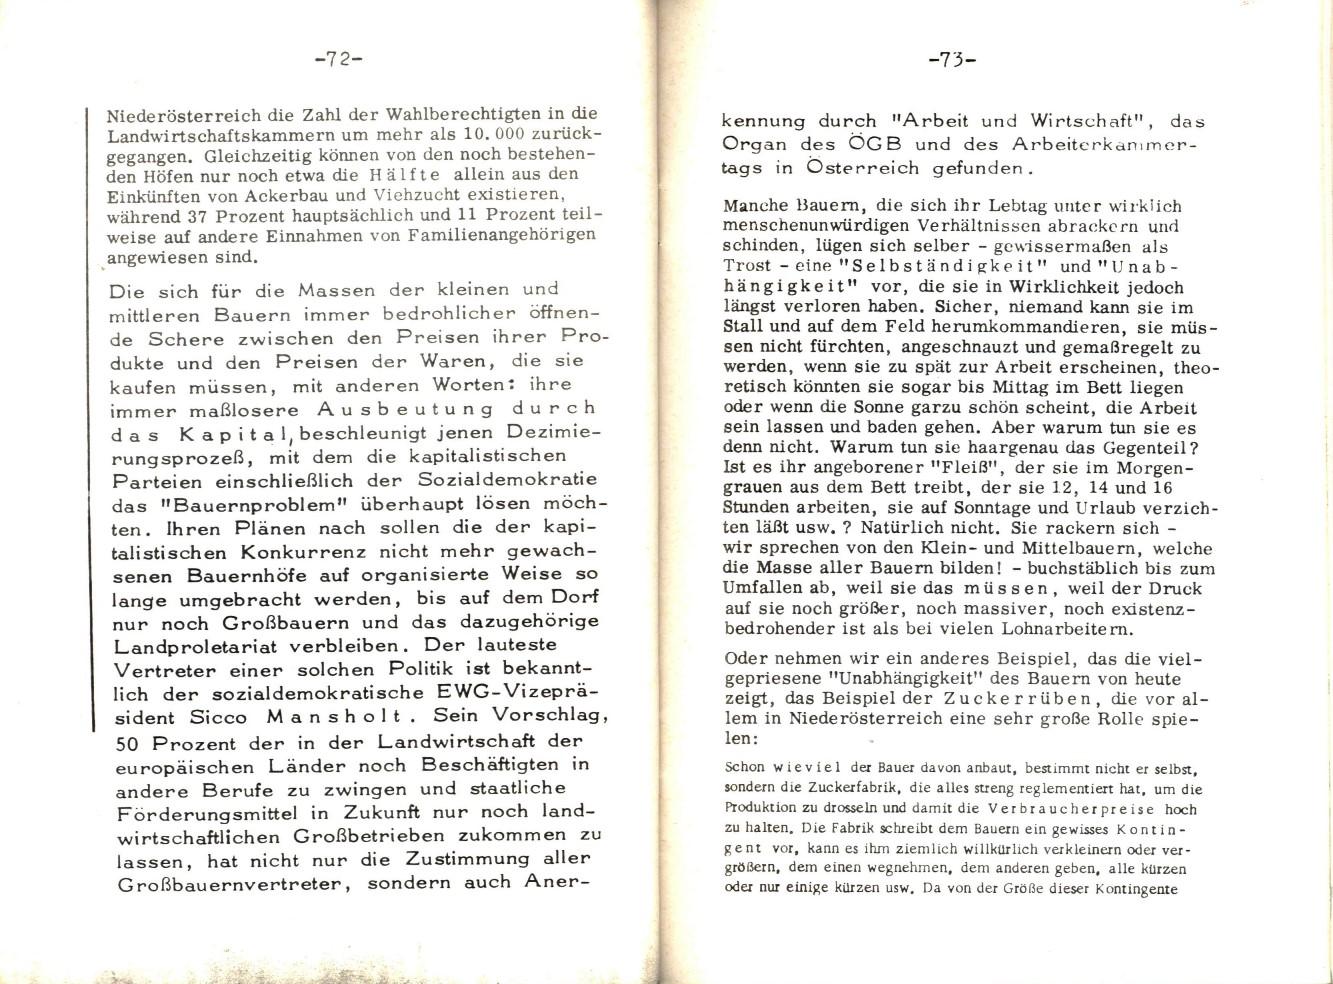 MLSK_Theorie_und_Praxis_des_ML_1978_23_40